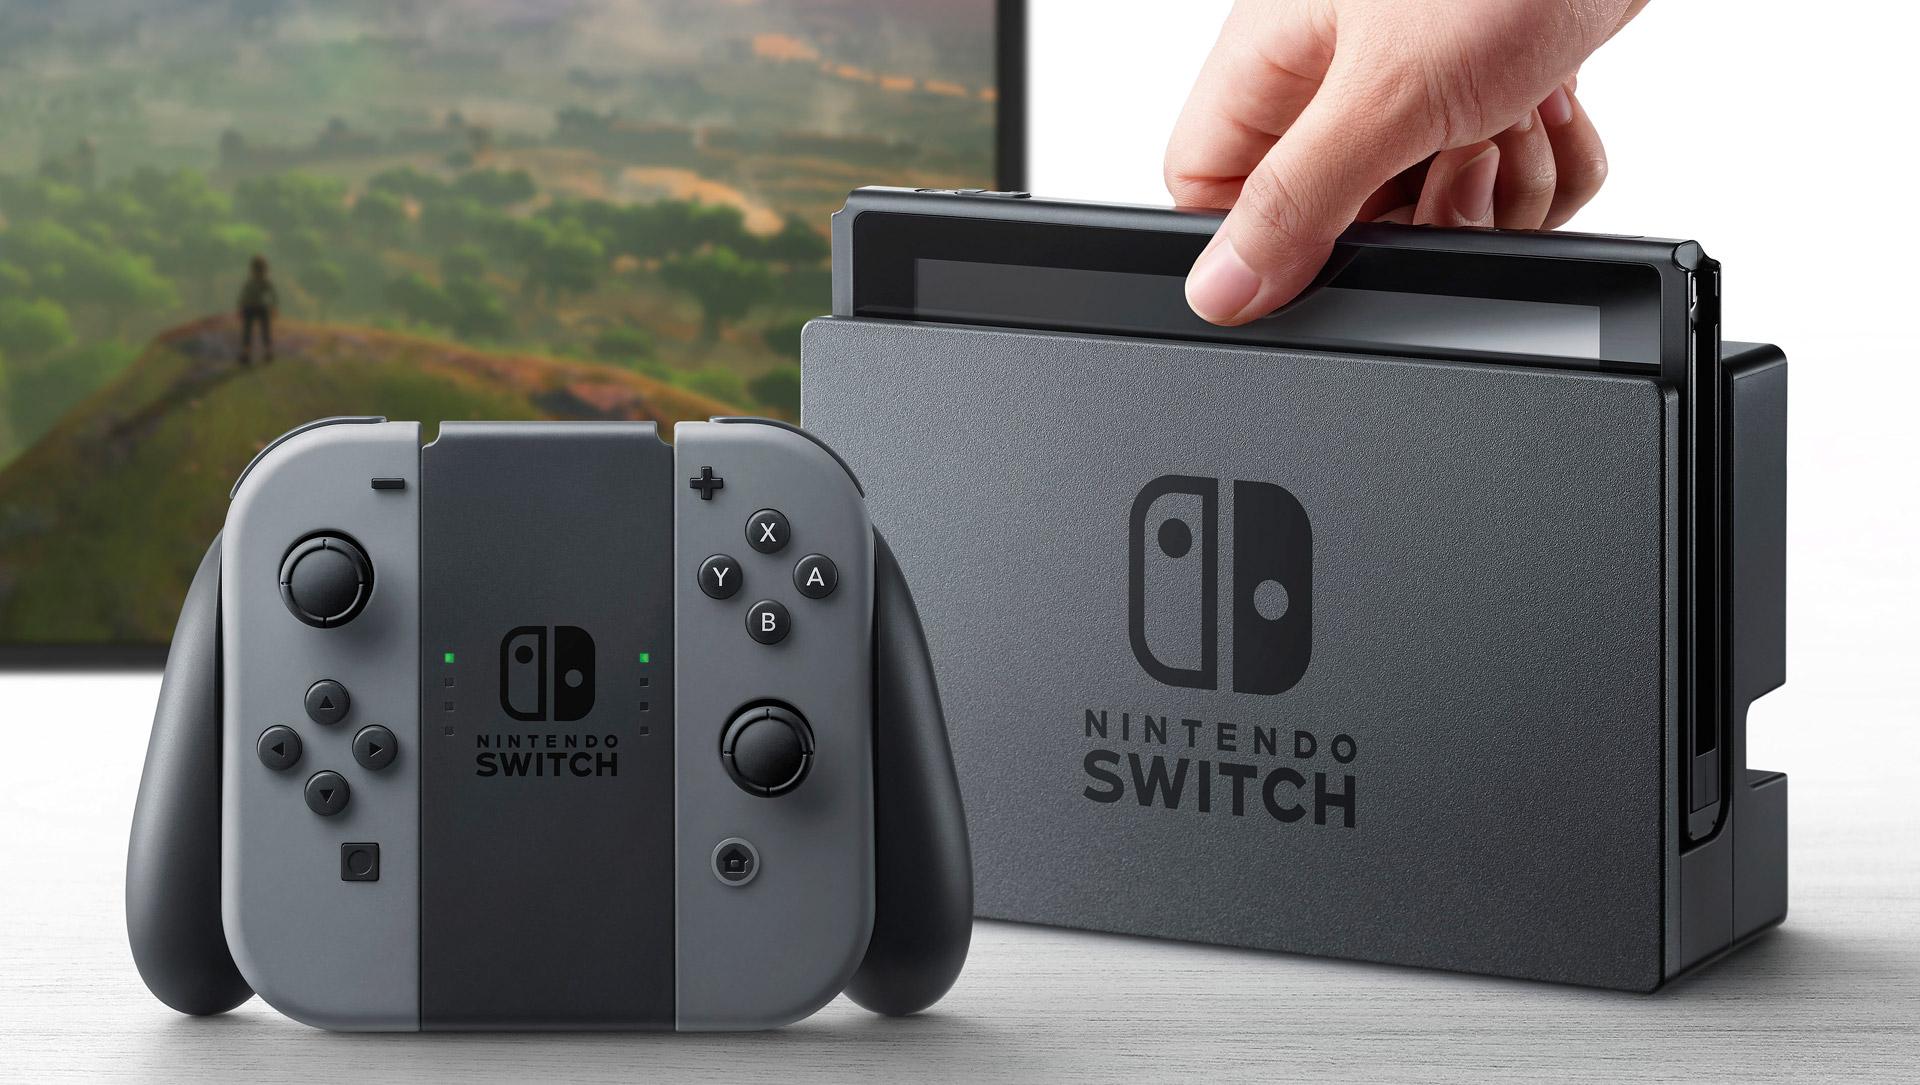 Ifølge en FCC-registrering kan ikke batteriet i Switch byttes ut av brukeren.